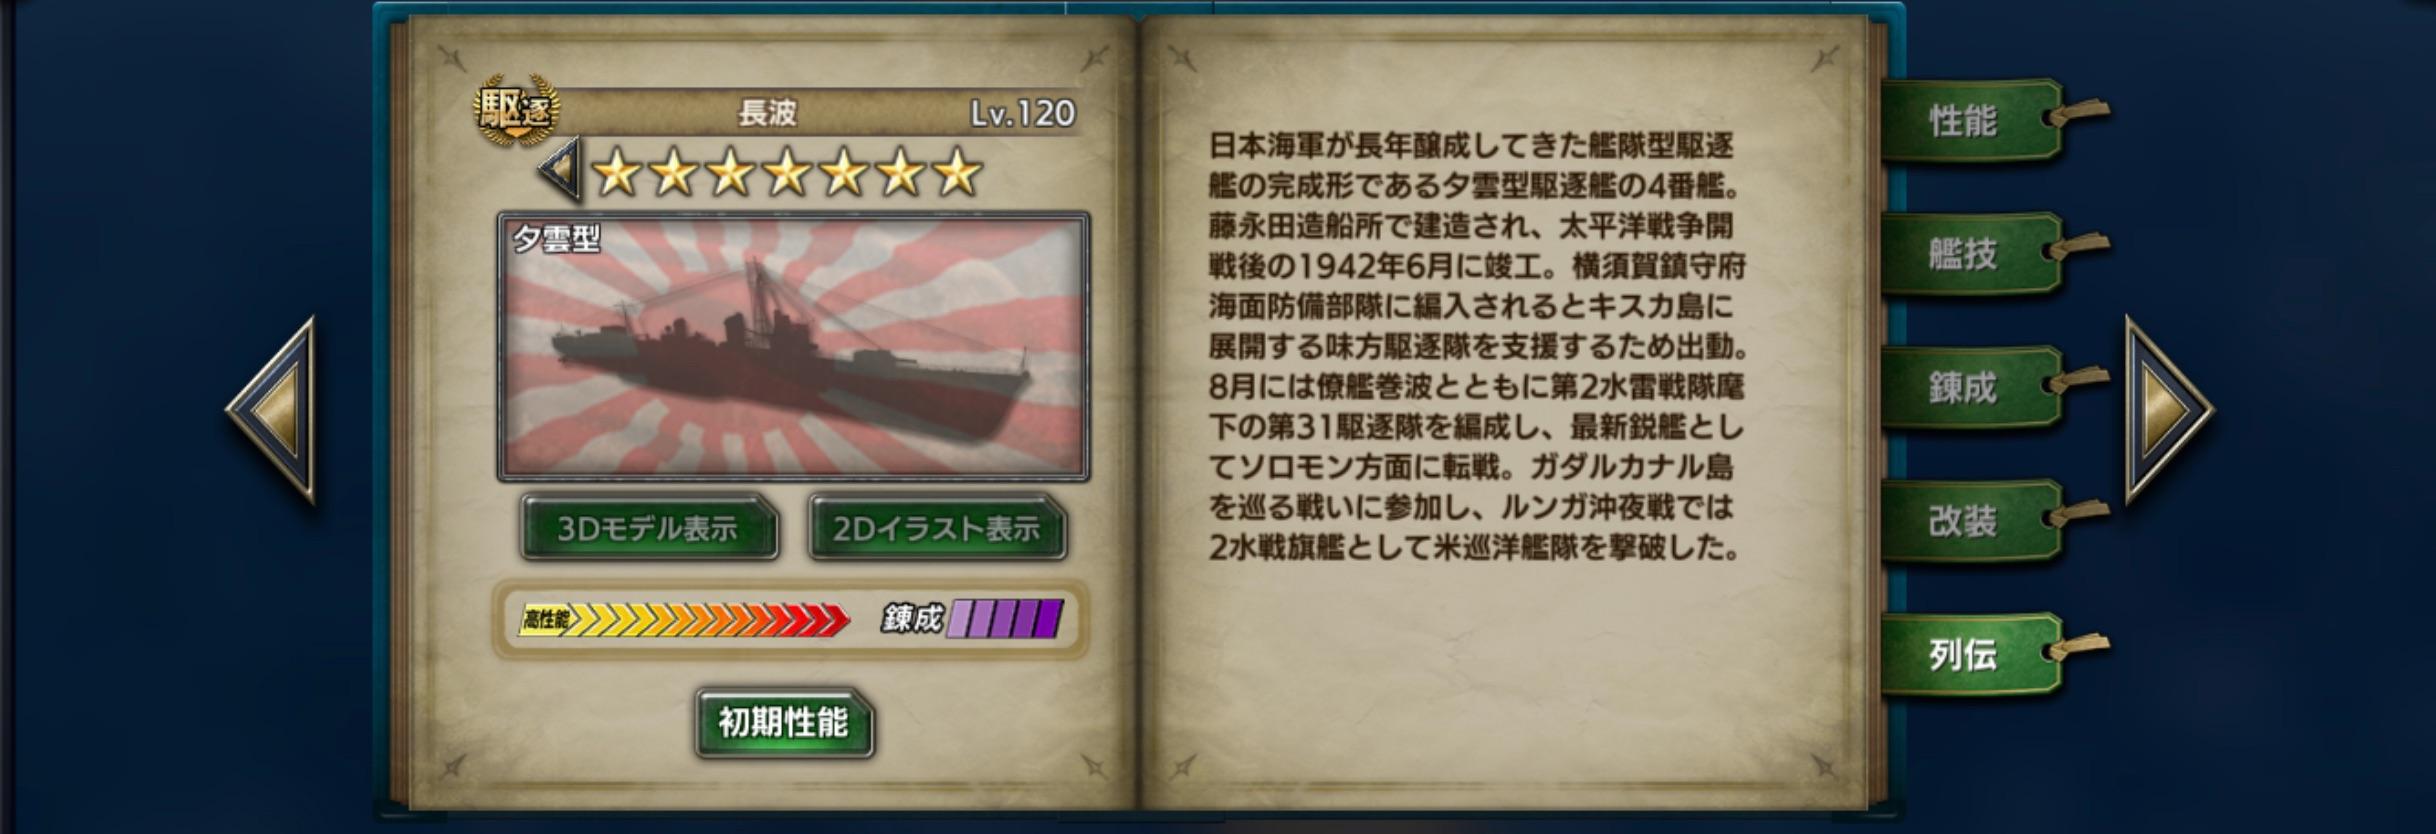 Naganami-history